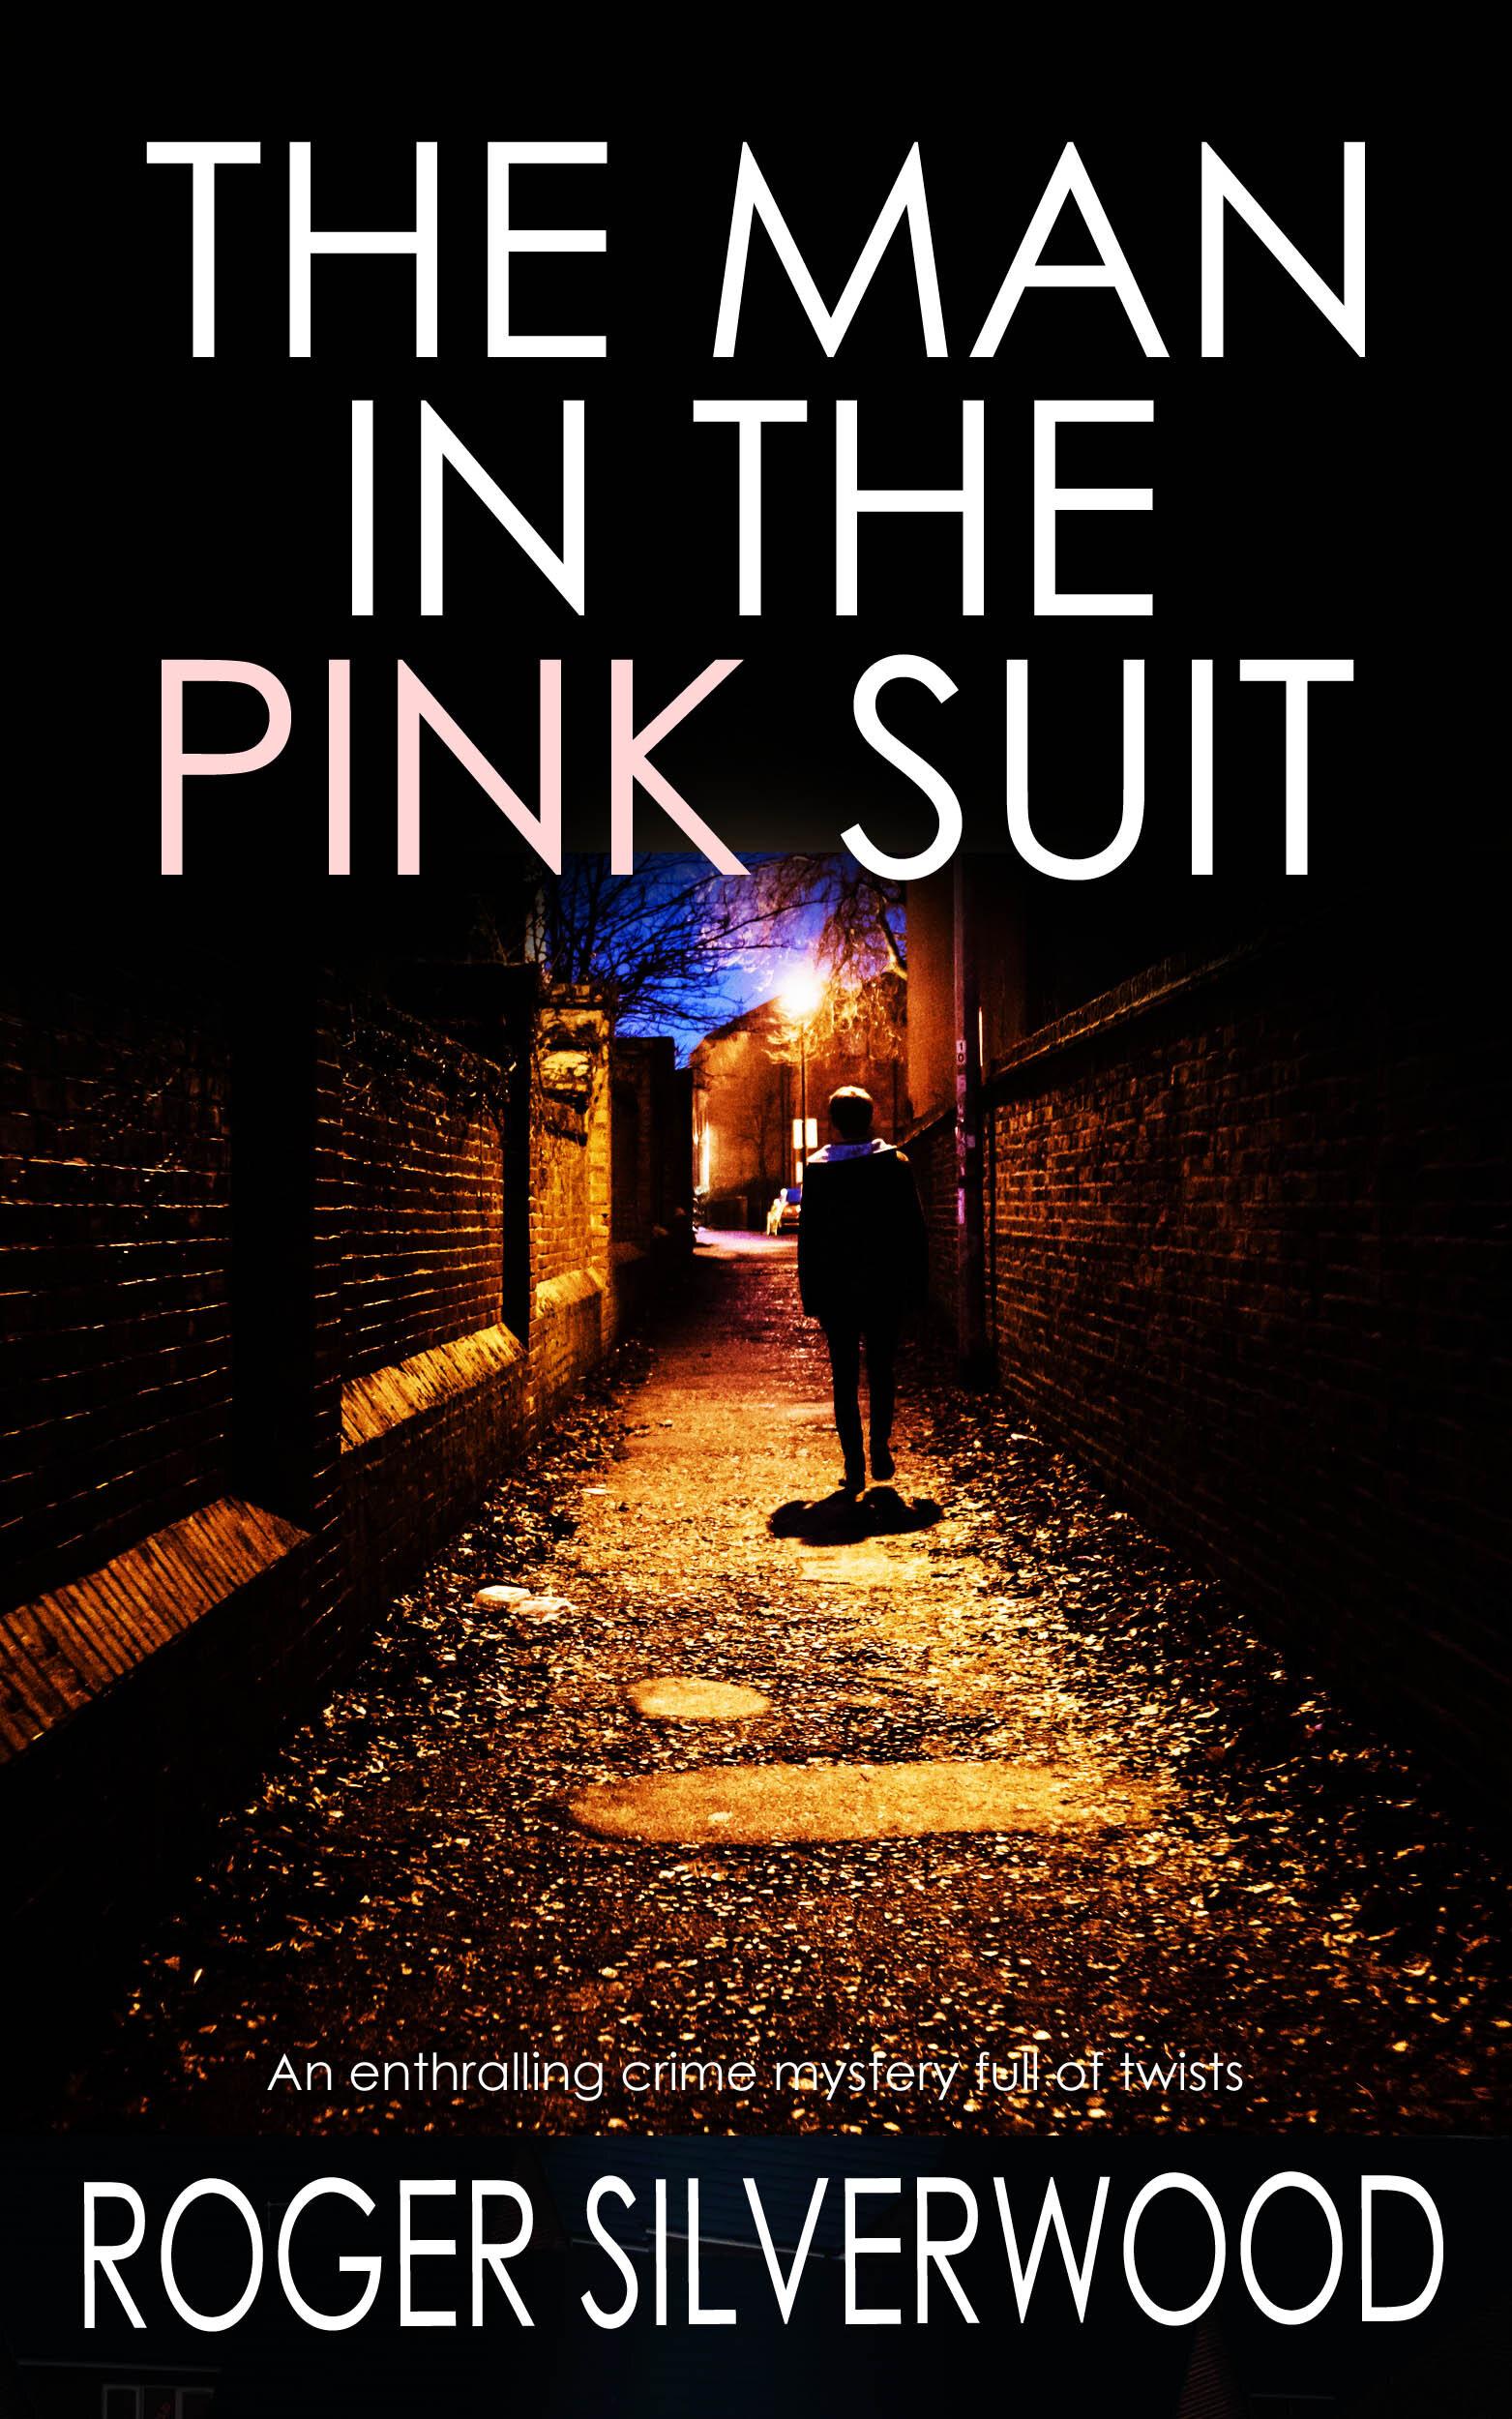 PINK SUIT2.jpg